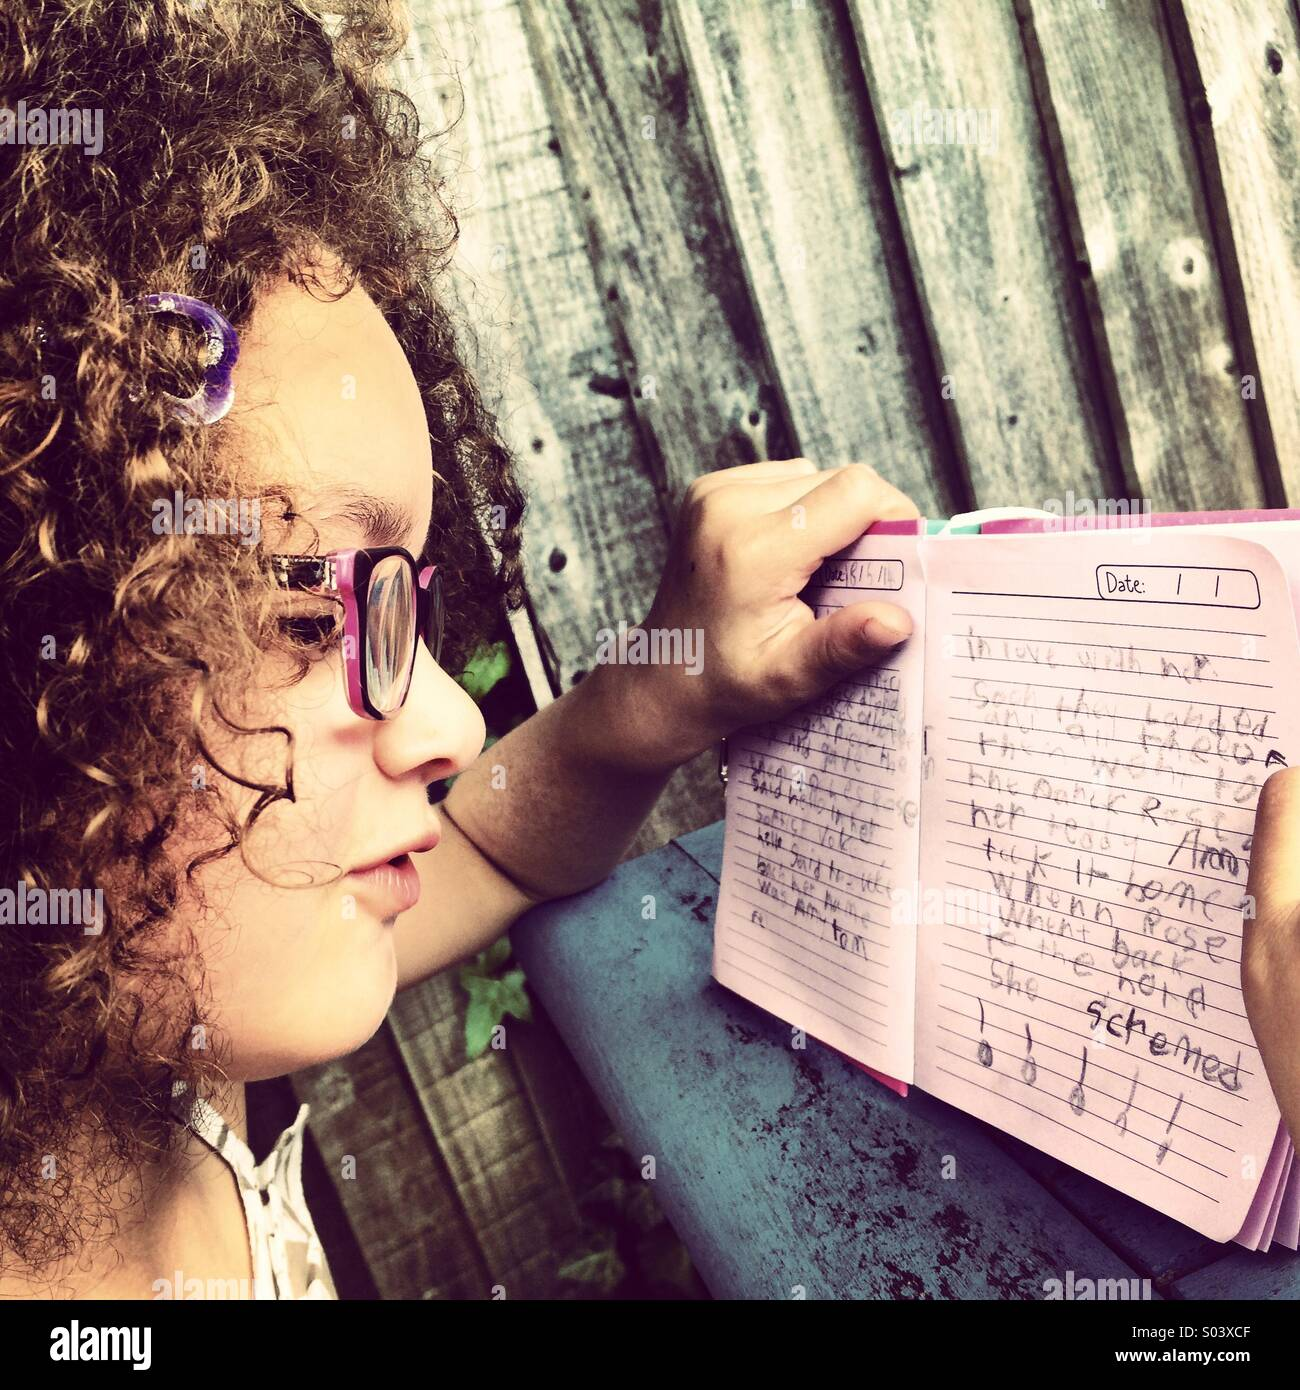 Lockige 6-jährigen Mädchenakt mit Brille lesen ihr Tagebuch. Stockbild